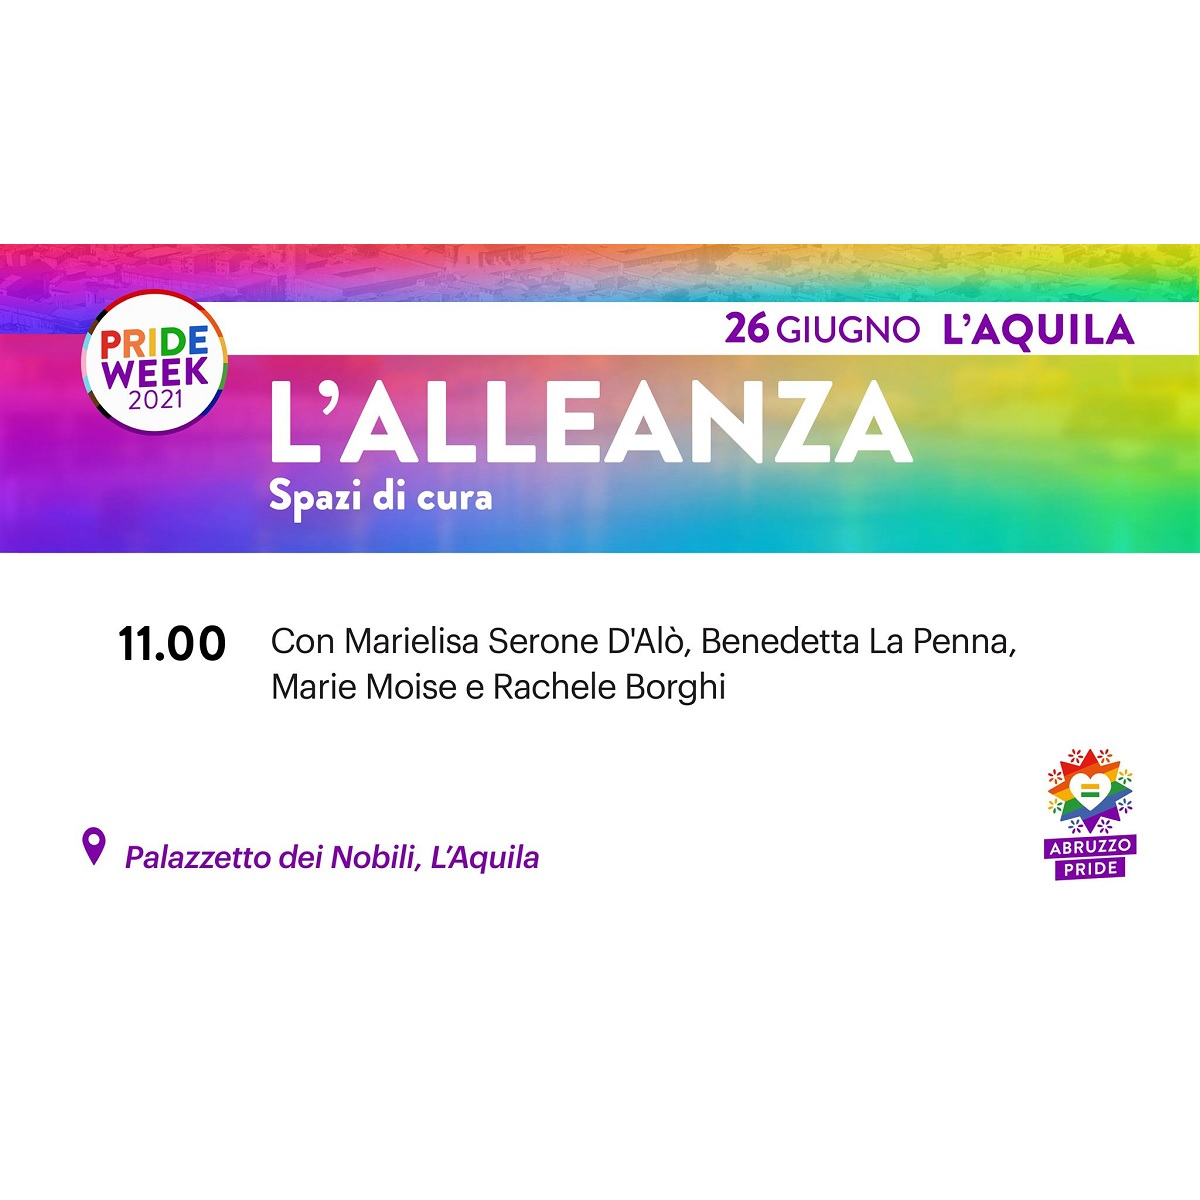 L'alleanza spazi di cura a L'Aquila sabato 26 giugno 2021 foto